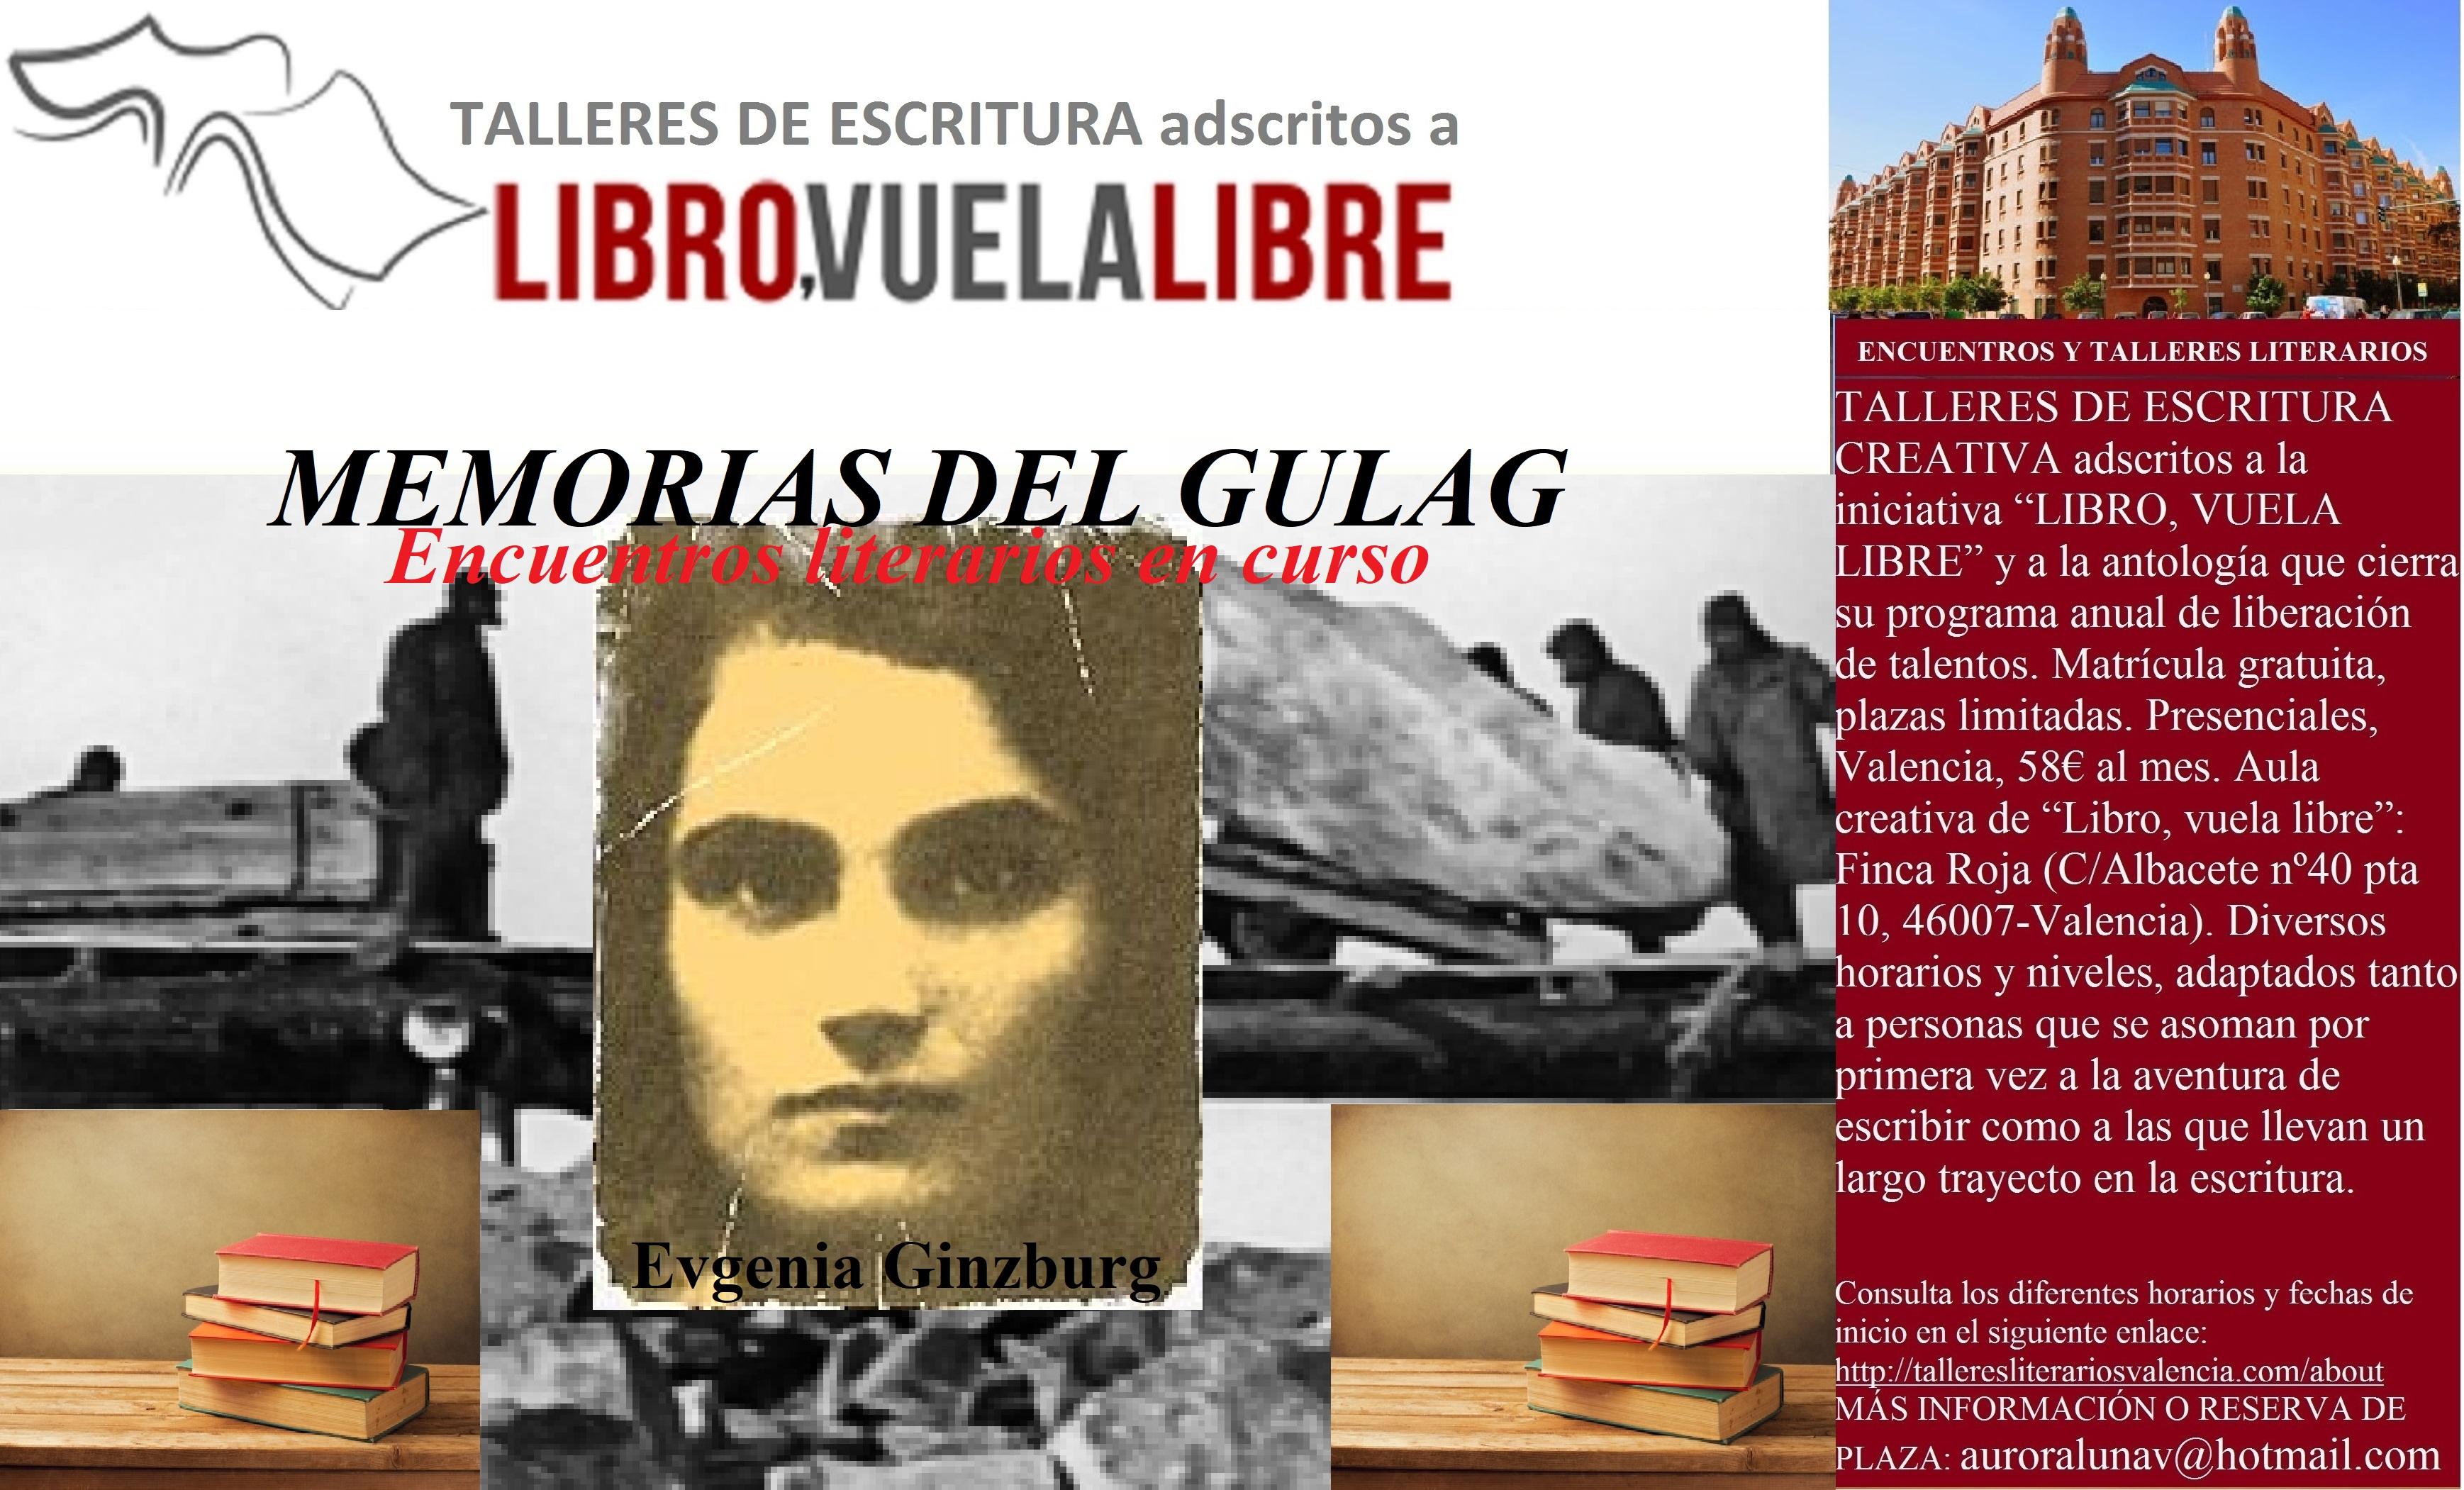 MEMORIAS DEL GULAG. Talleres y cursos de escritura creativa en Valencia